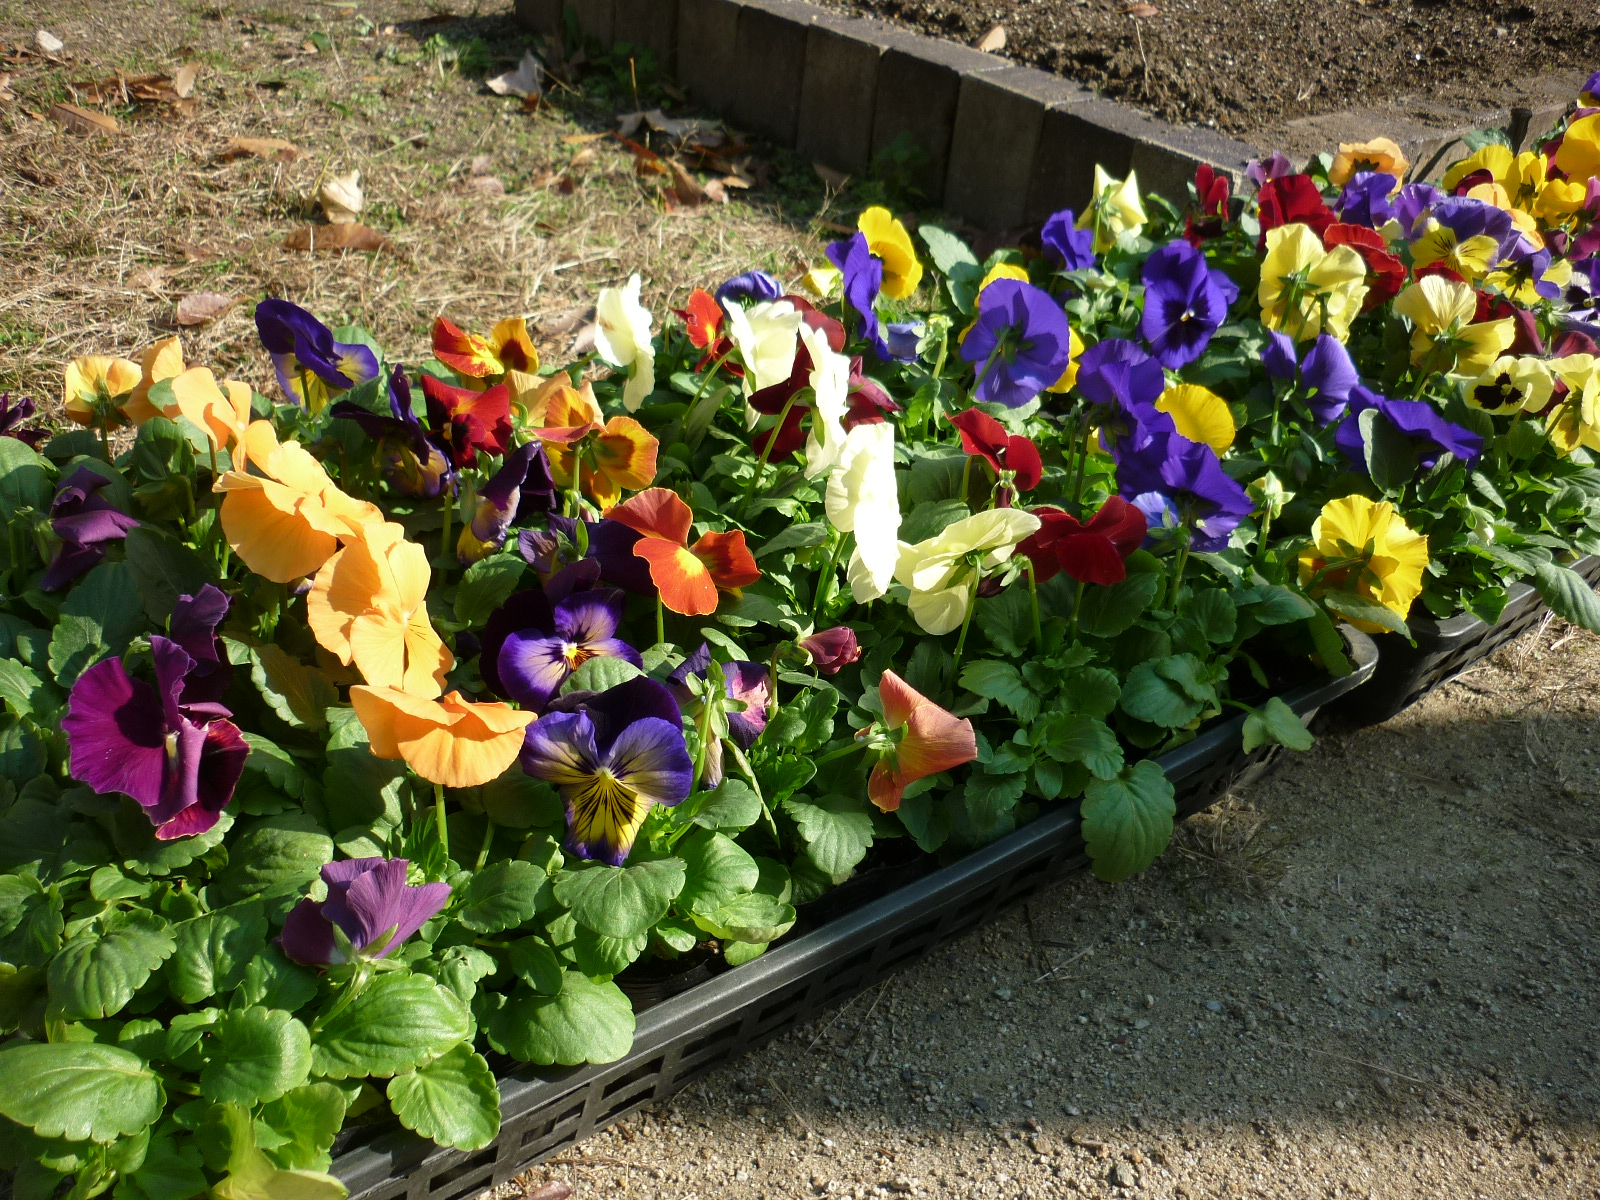 【スタッフ日記】お花を植えるお手伝い